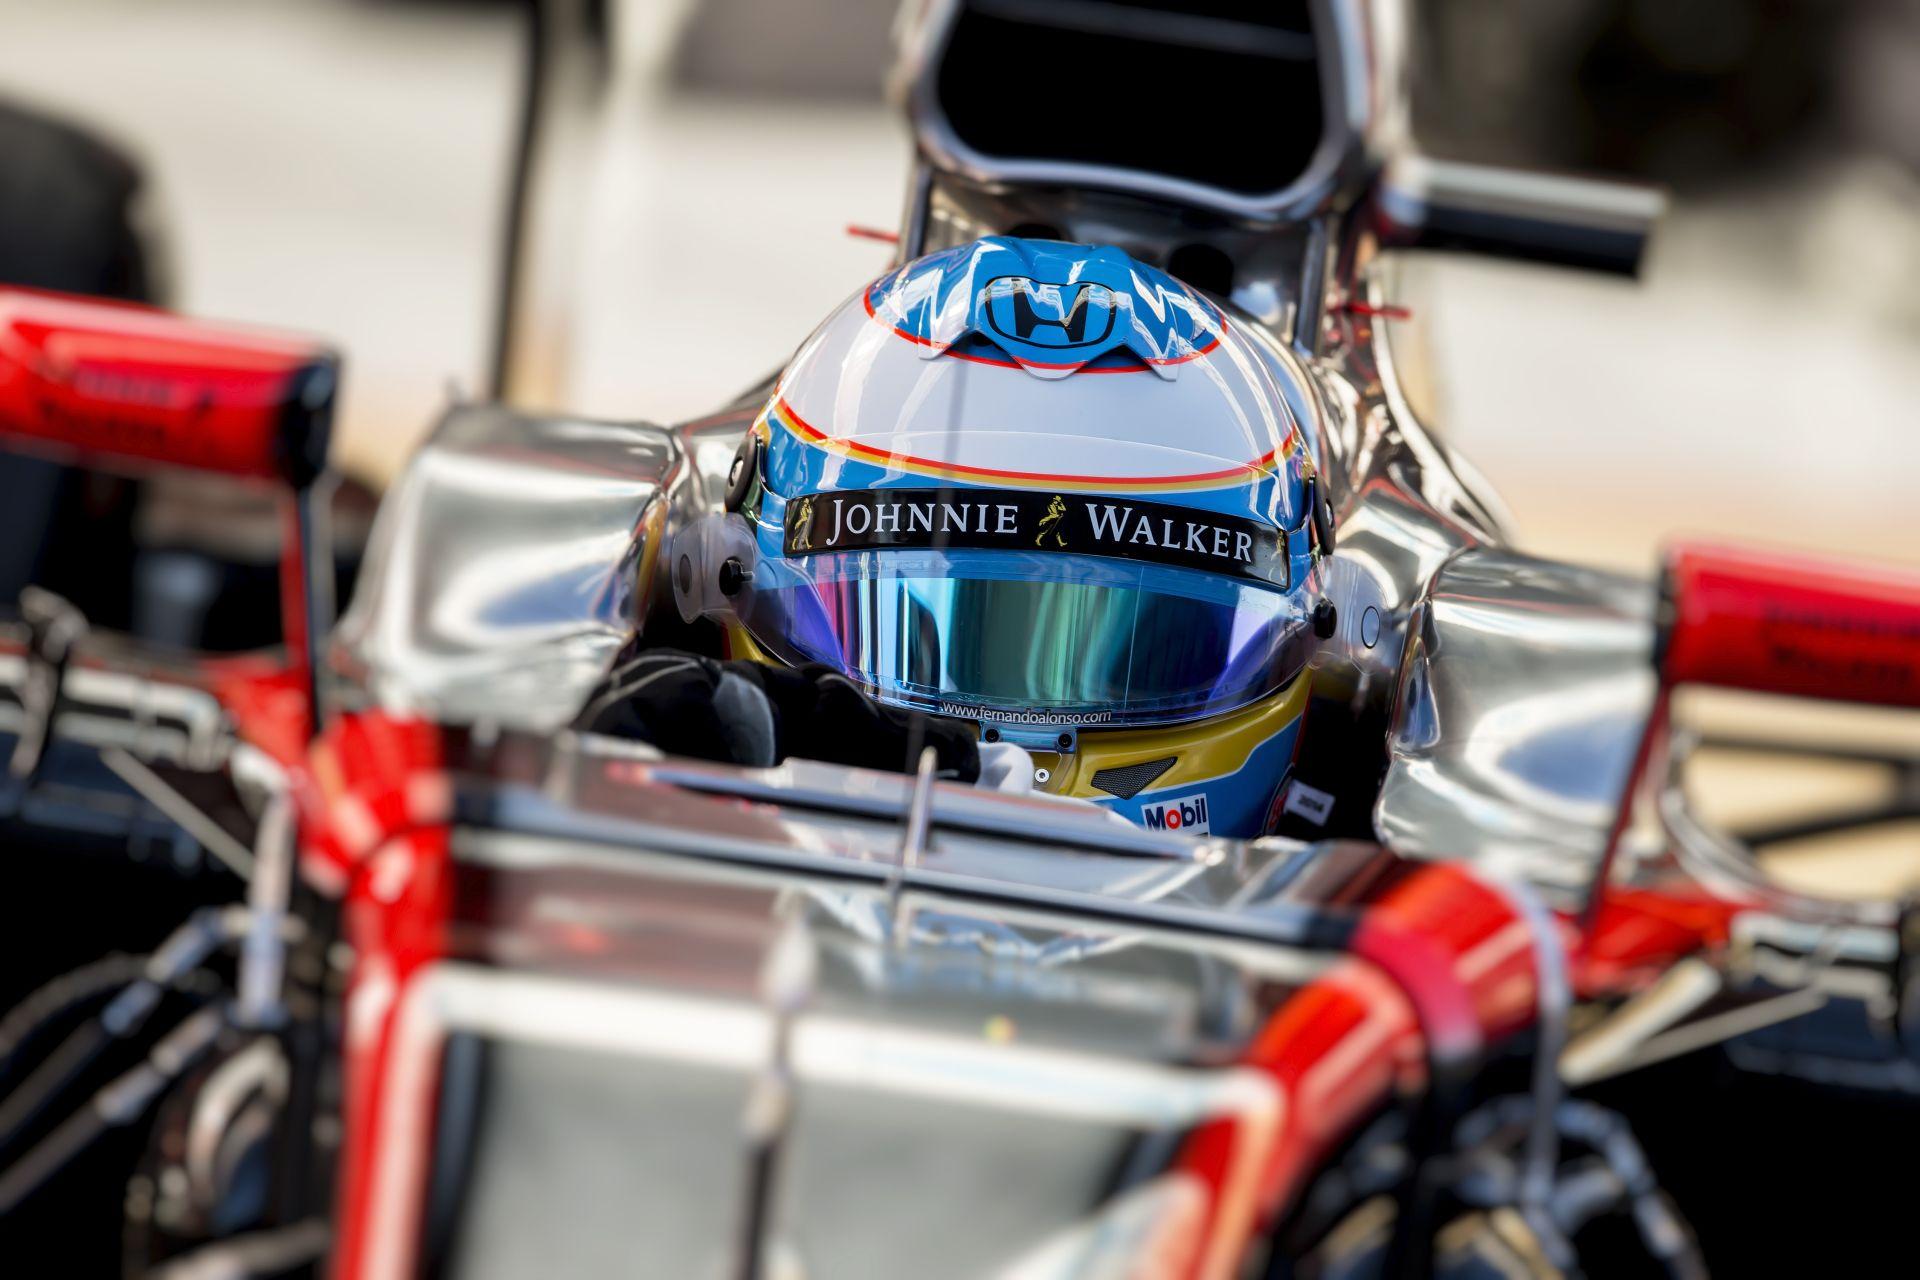 Alonsót mentő vitte el az ütközés után: Sainz vezet Vettel előtt Barcelonában